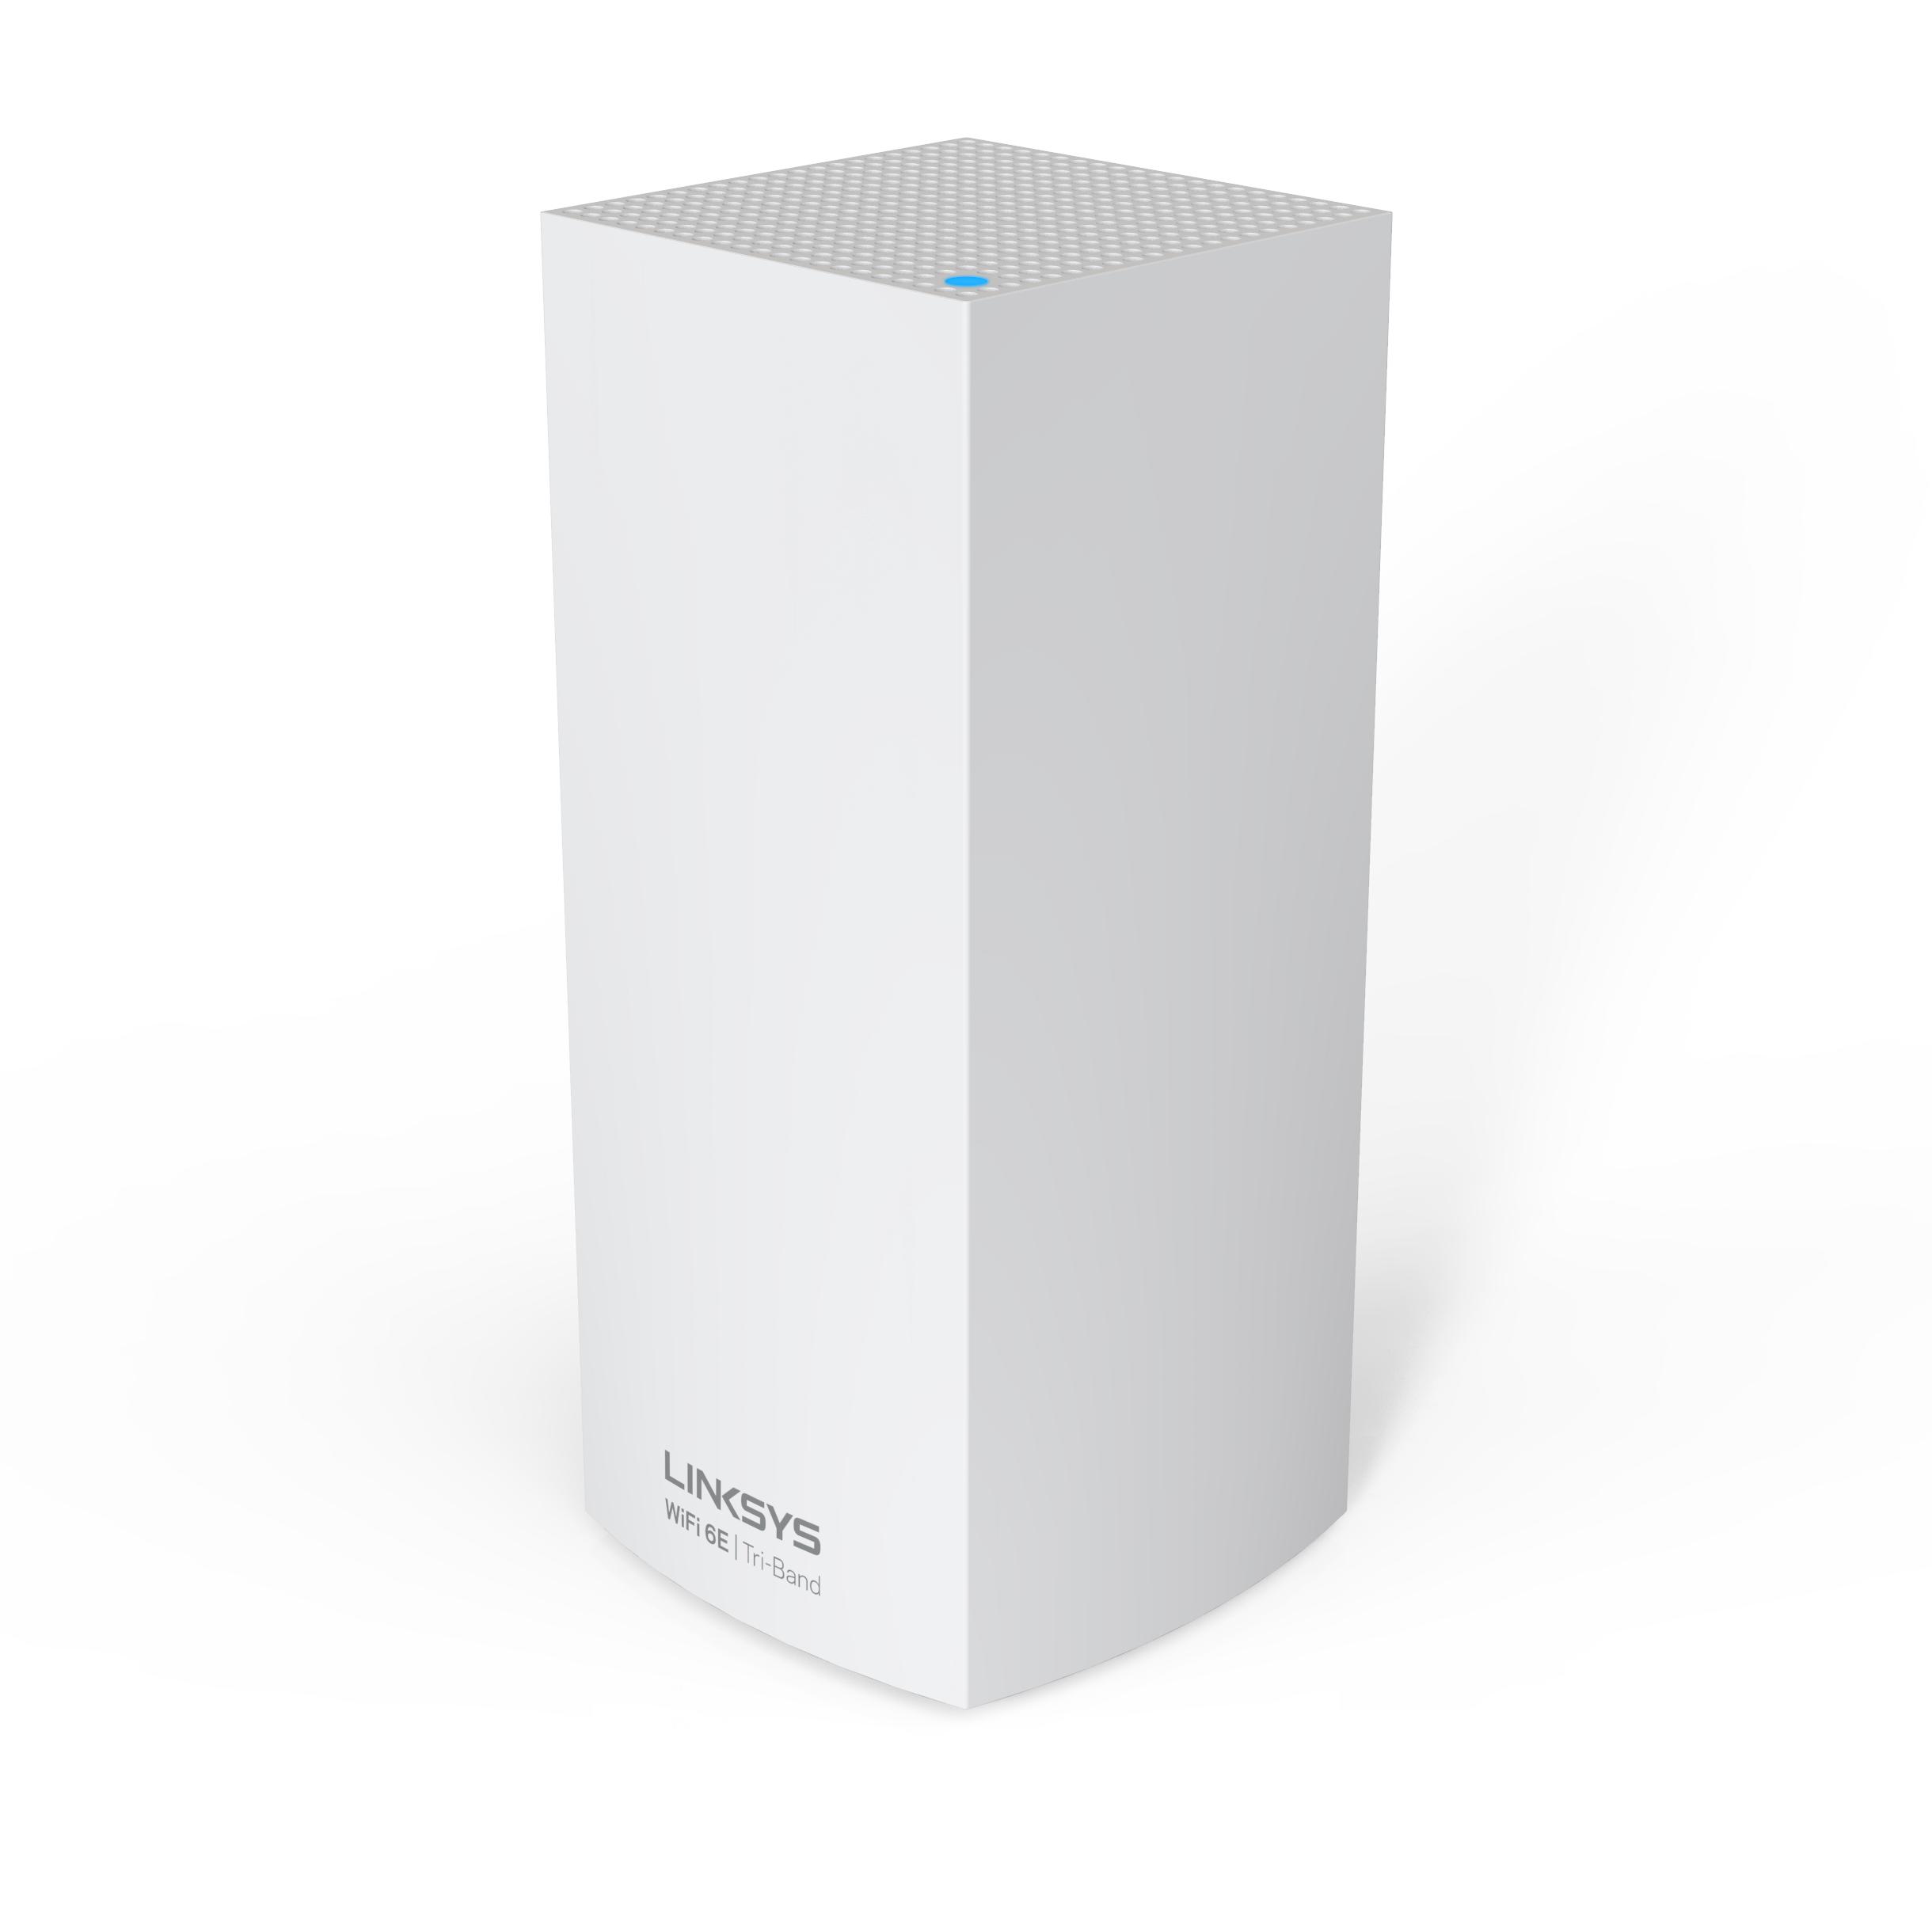 迎接 Wi-Fi 6E!Linksys AXE8400 路由器登場啦